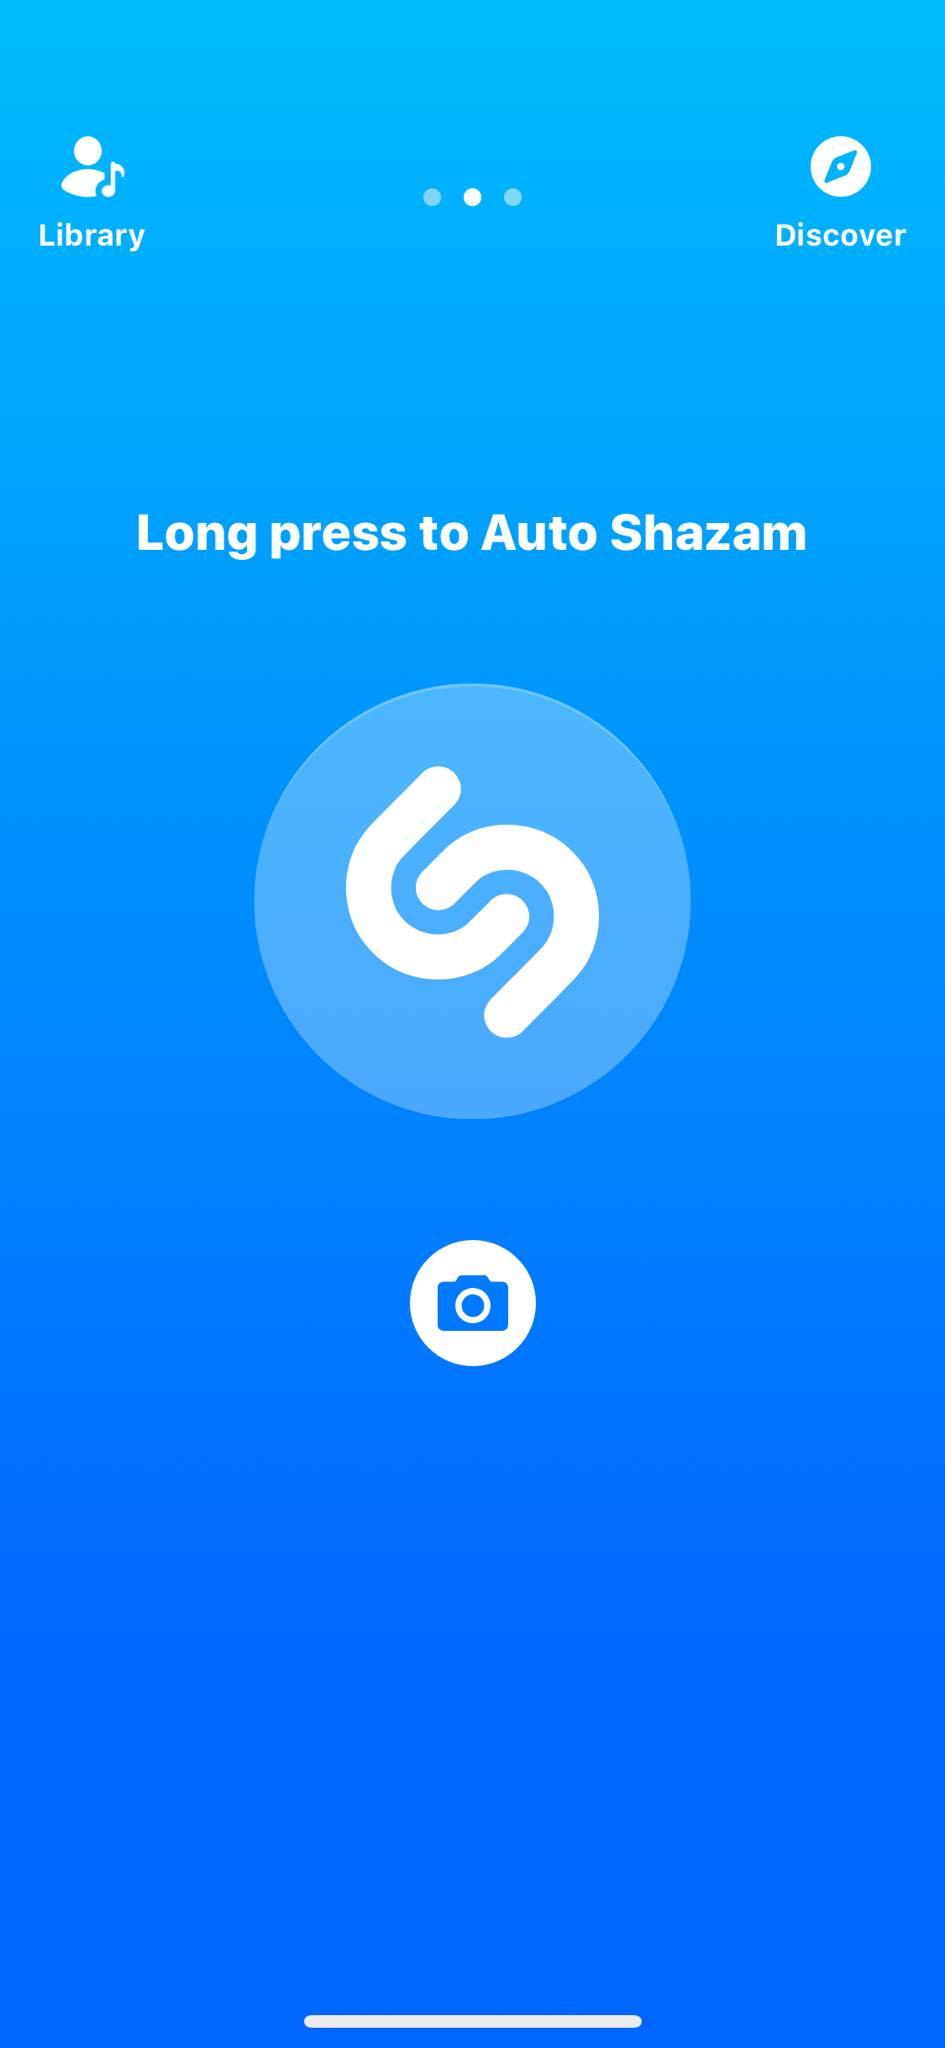 Auto Shazam on iOS by Shazam from UIGarage